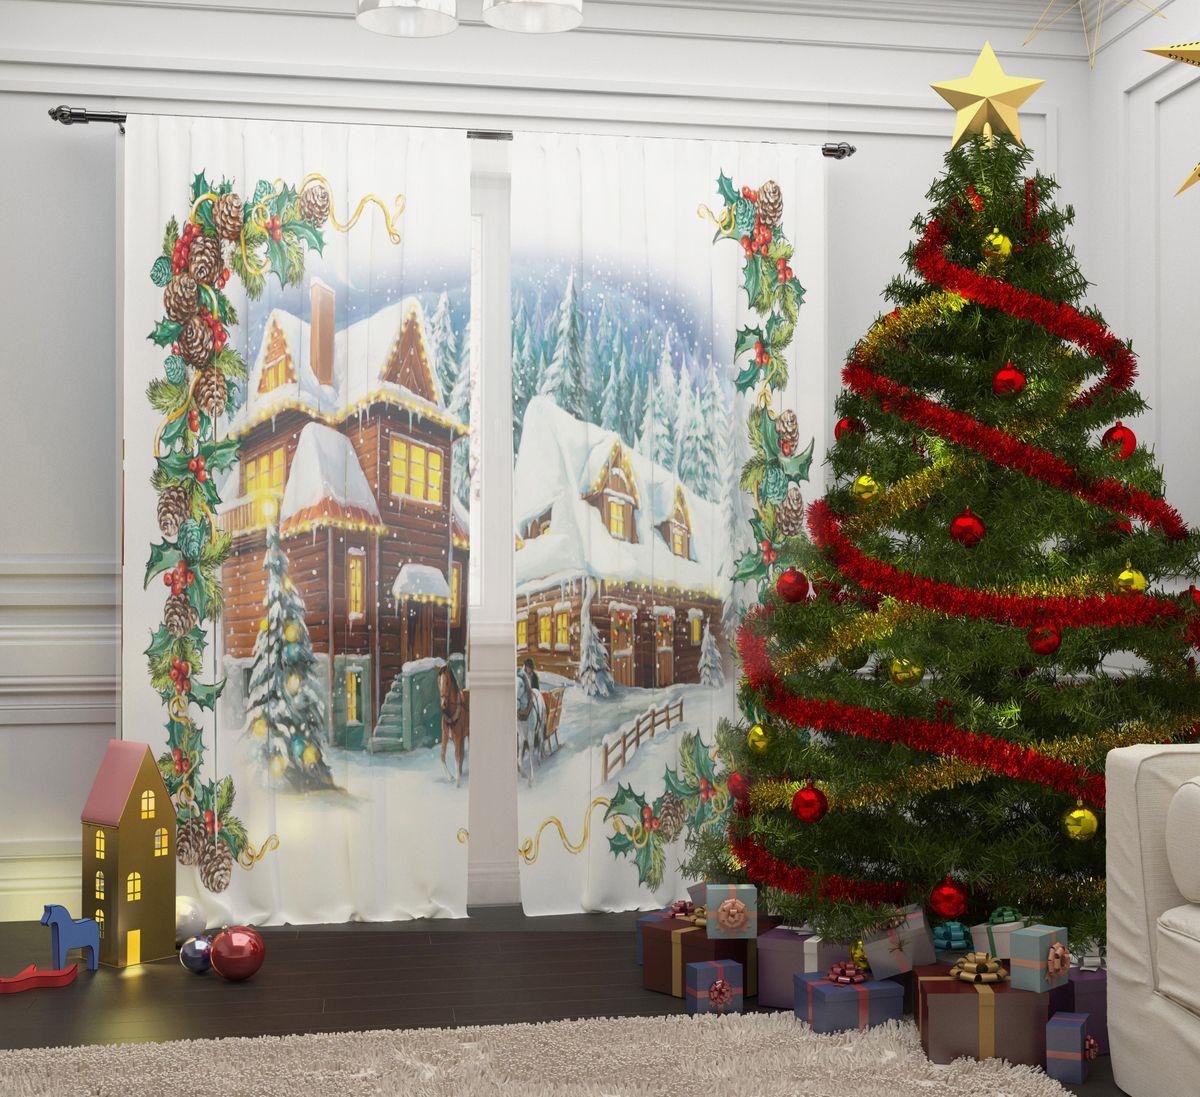 Комплект фототюлей Сирень Рождество в Альпах, на ленте, высота 260 см07290-ФТ-ВЛ-001Перед новогодними праздниками каждая хозяйка или хозяин хотят украсить свой дом. Комплект фототюлей Сирень Рождество в Альпах - оригинальное решение, которое позволит украсить ваше окно отличным рисунком с новогодней тематикой. Он выполнен из легкой парящейвуали. Новогодняя фототюль Сирень станет отличным подарком на Новый год. Подарите радость праздника себе и вашим близким людям!